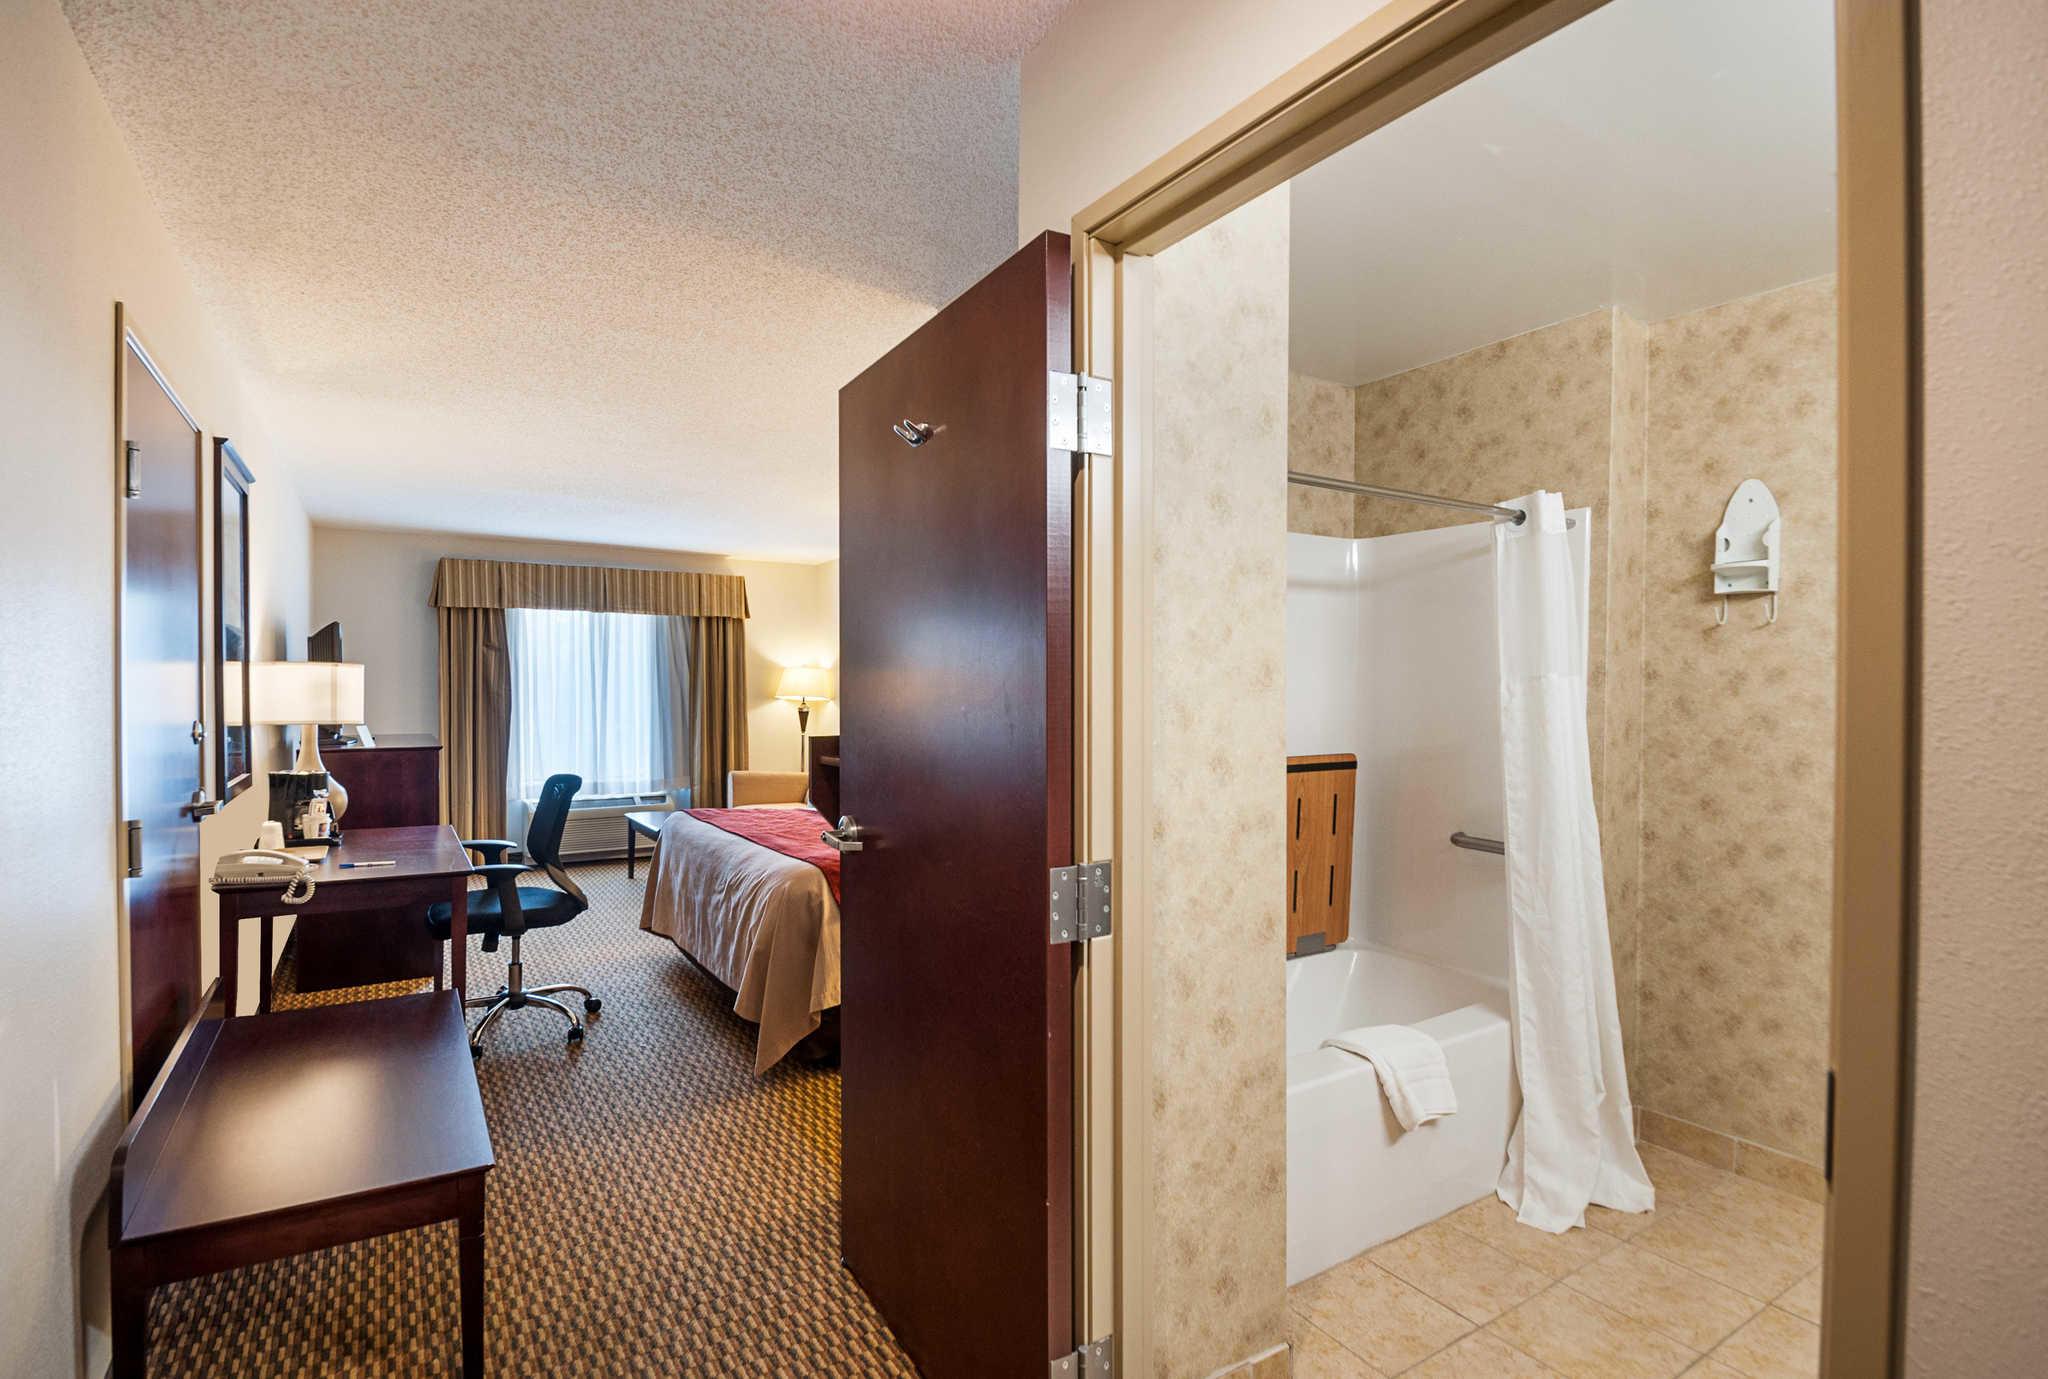 Comfort Inn & Suites Cambridge image 9